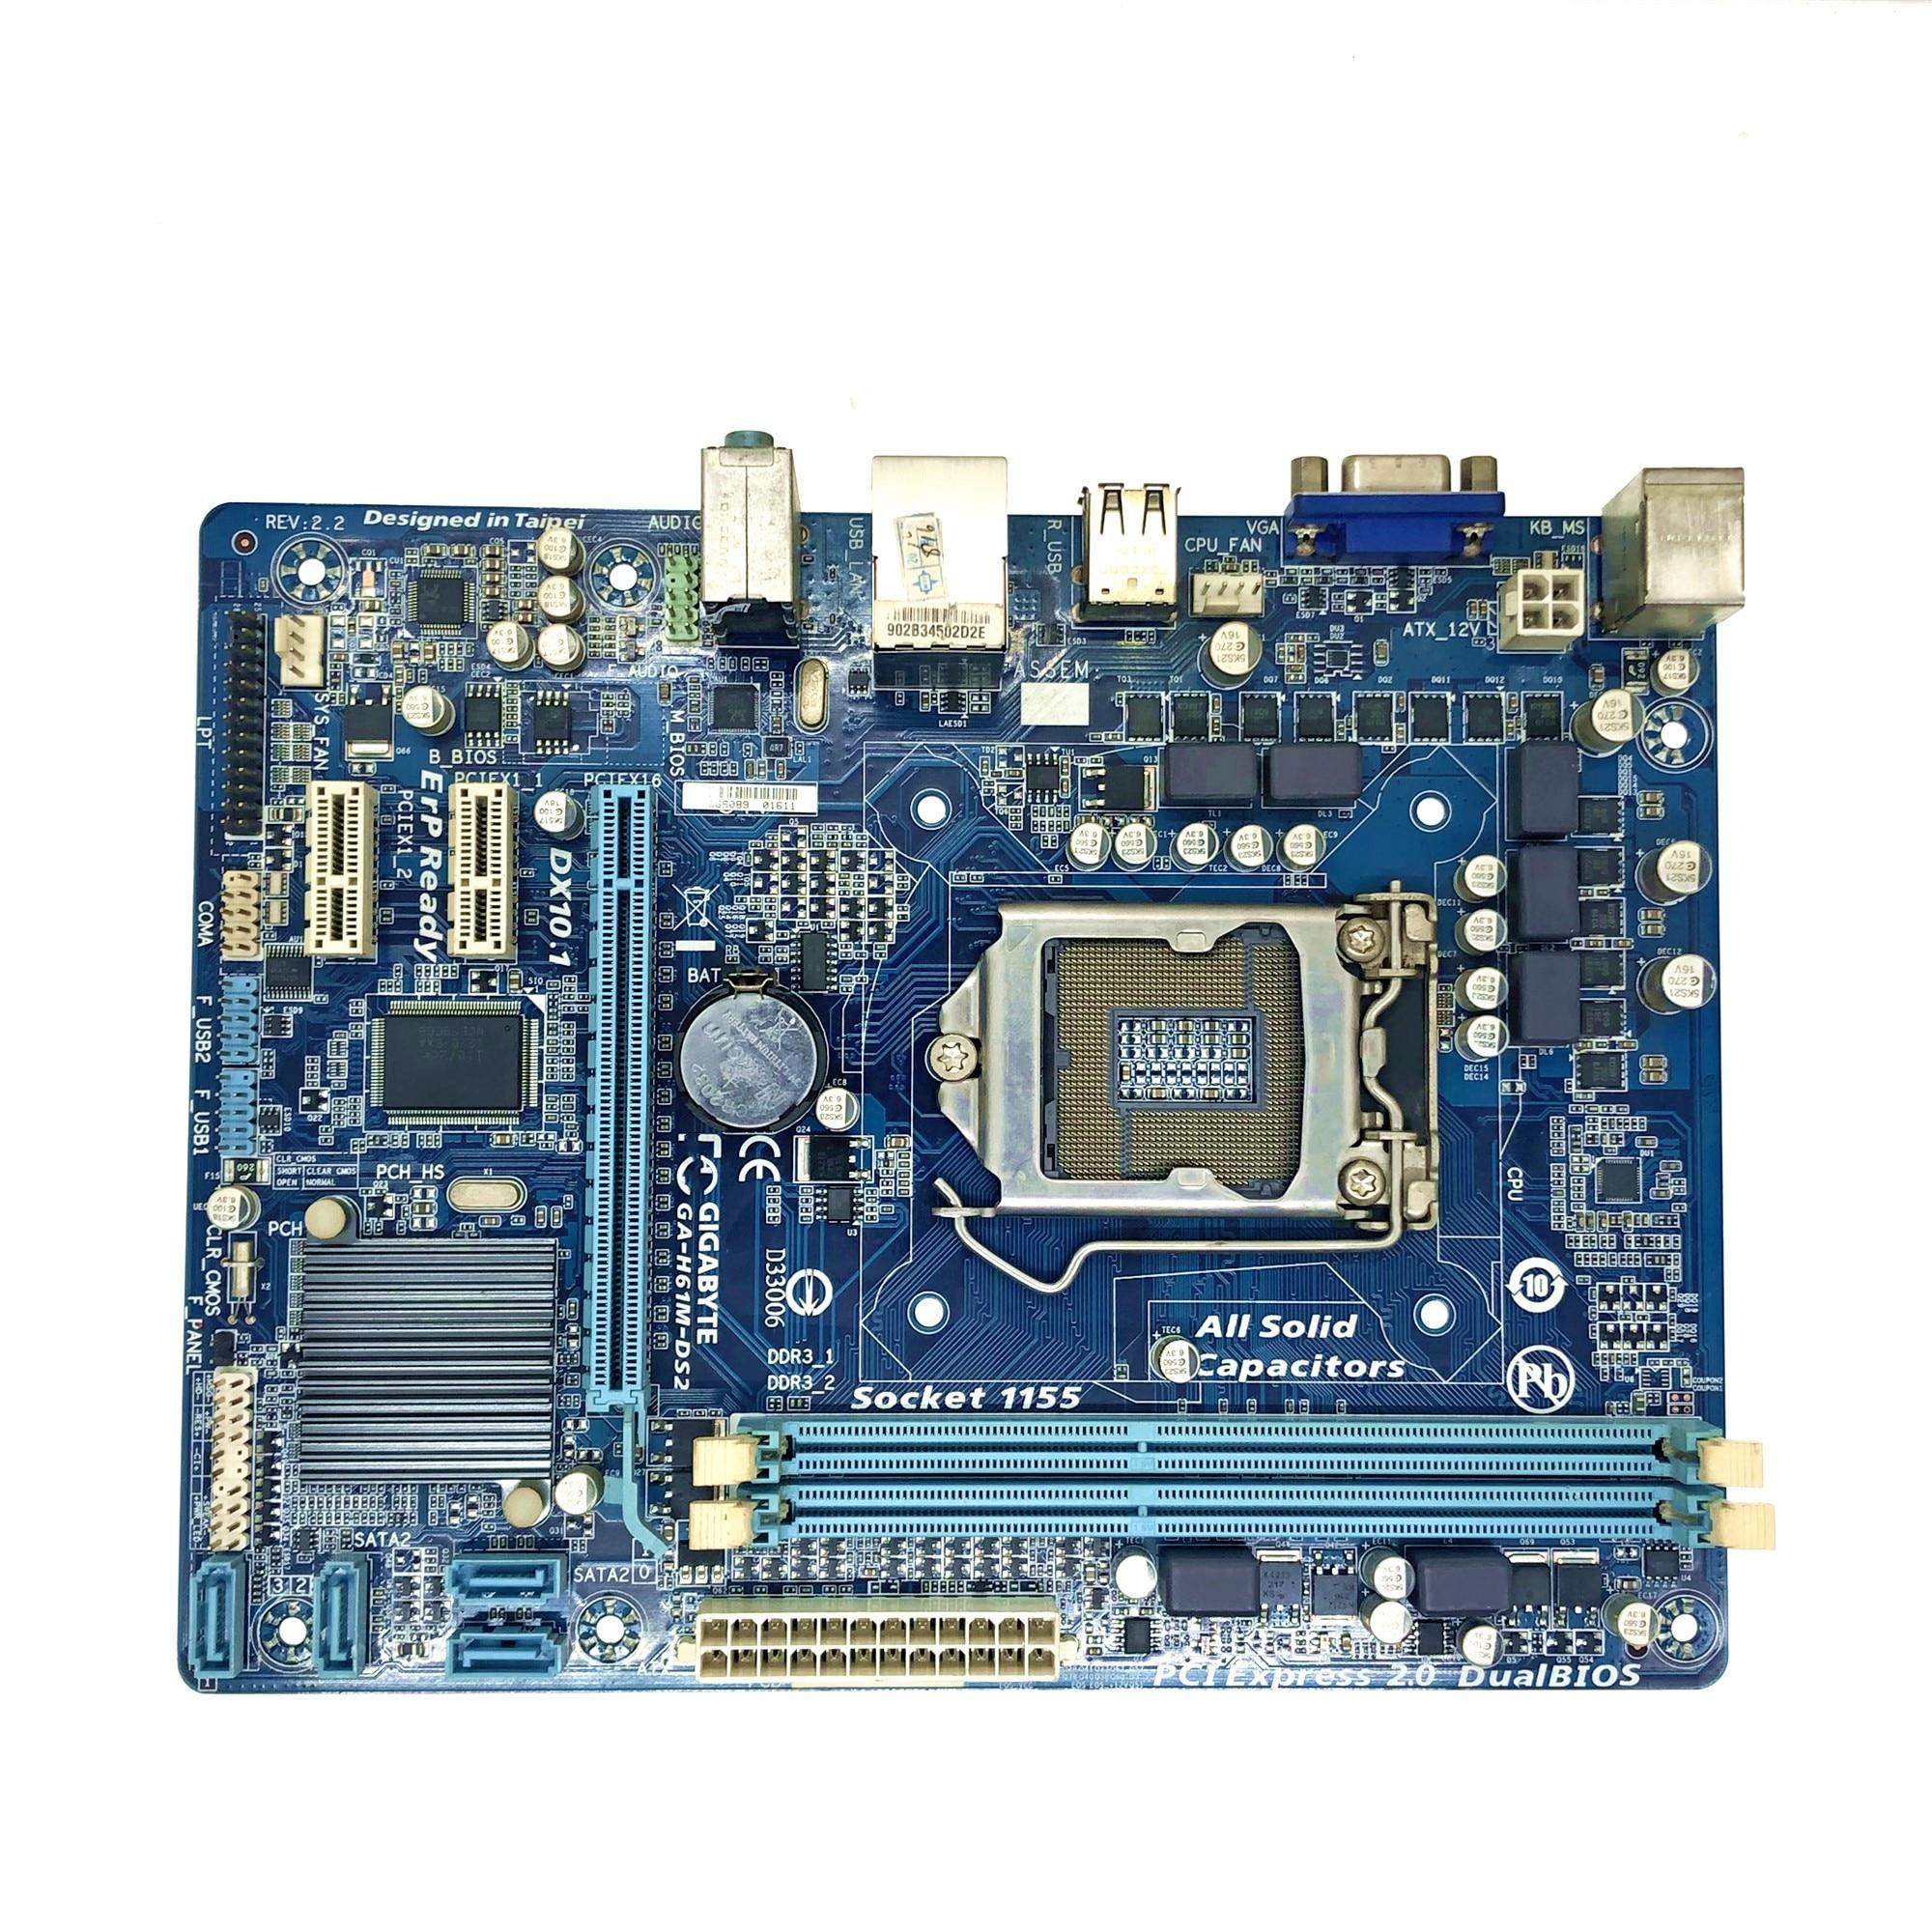 Desktop Motherboard GIGABYTE GA H61M DS2 PC H61 Socket LGA 1155 i3 i5 i7 DDR3 16G uATX UEFI H61M DS2 Mainboard|Motherboards| |  - title=